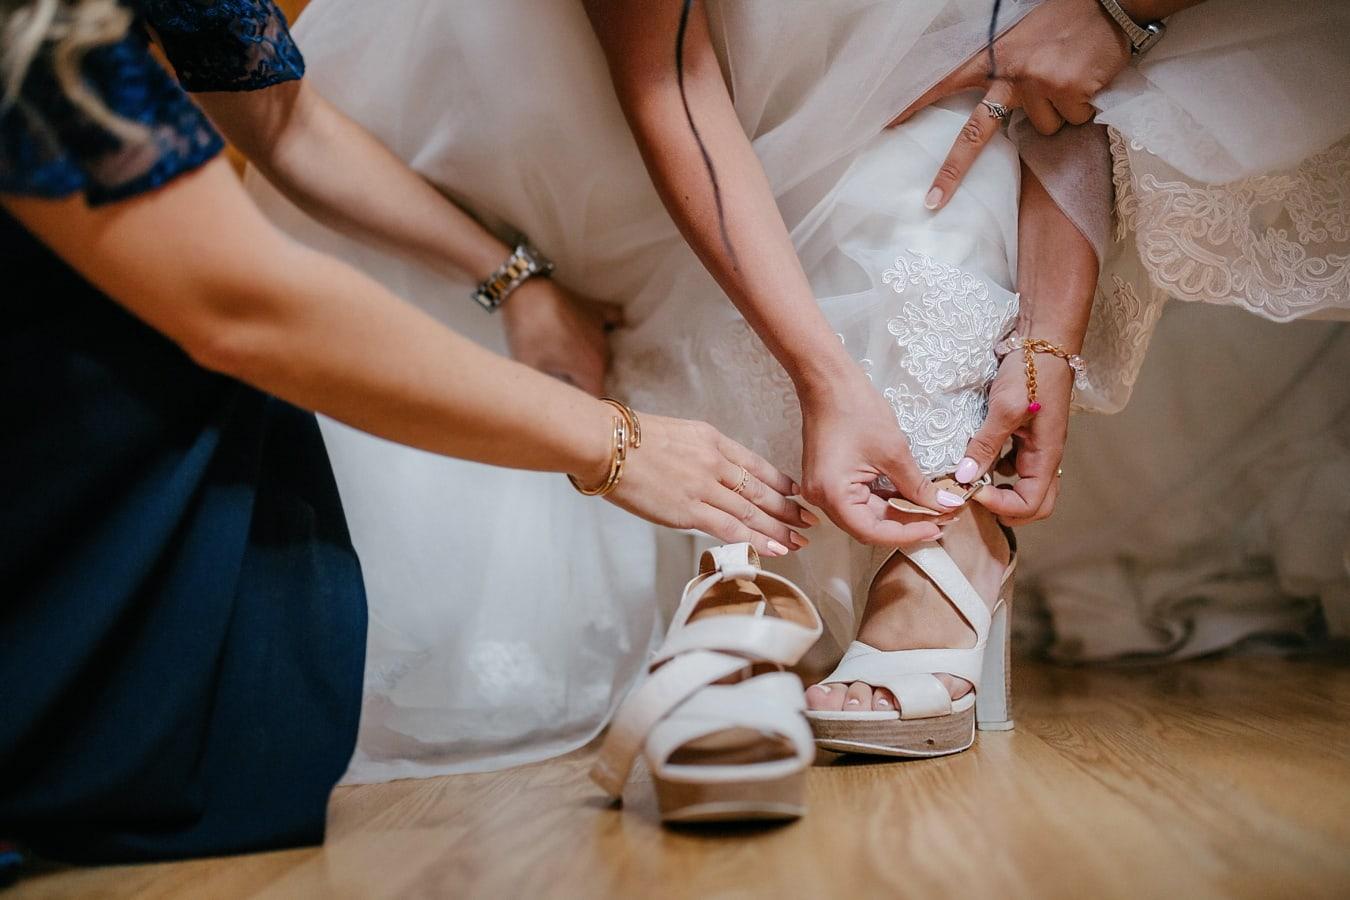 Sandale, weiß, Lust auf, Hochzeitskleid, Armband, Hände, Schmuck, Mädchen, Frau, Braut